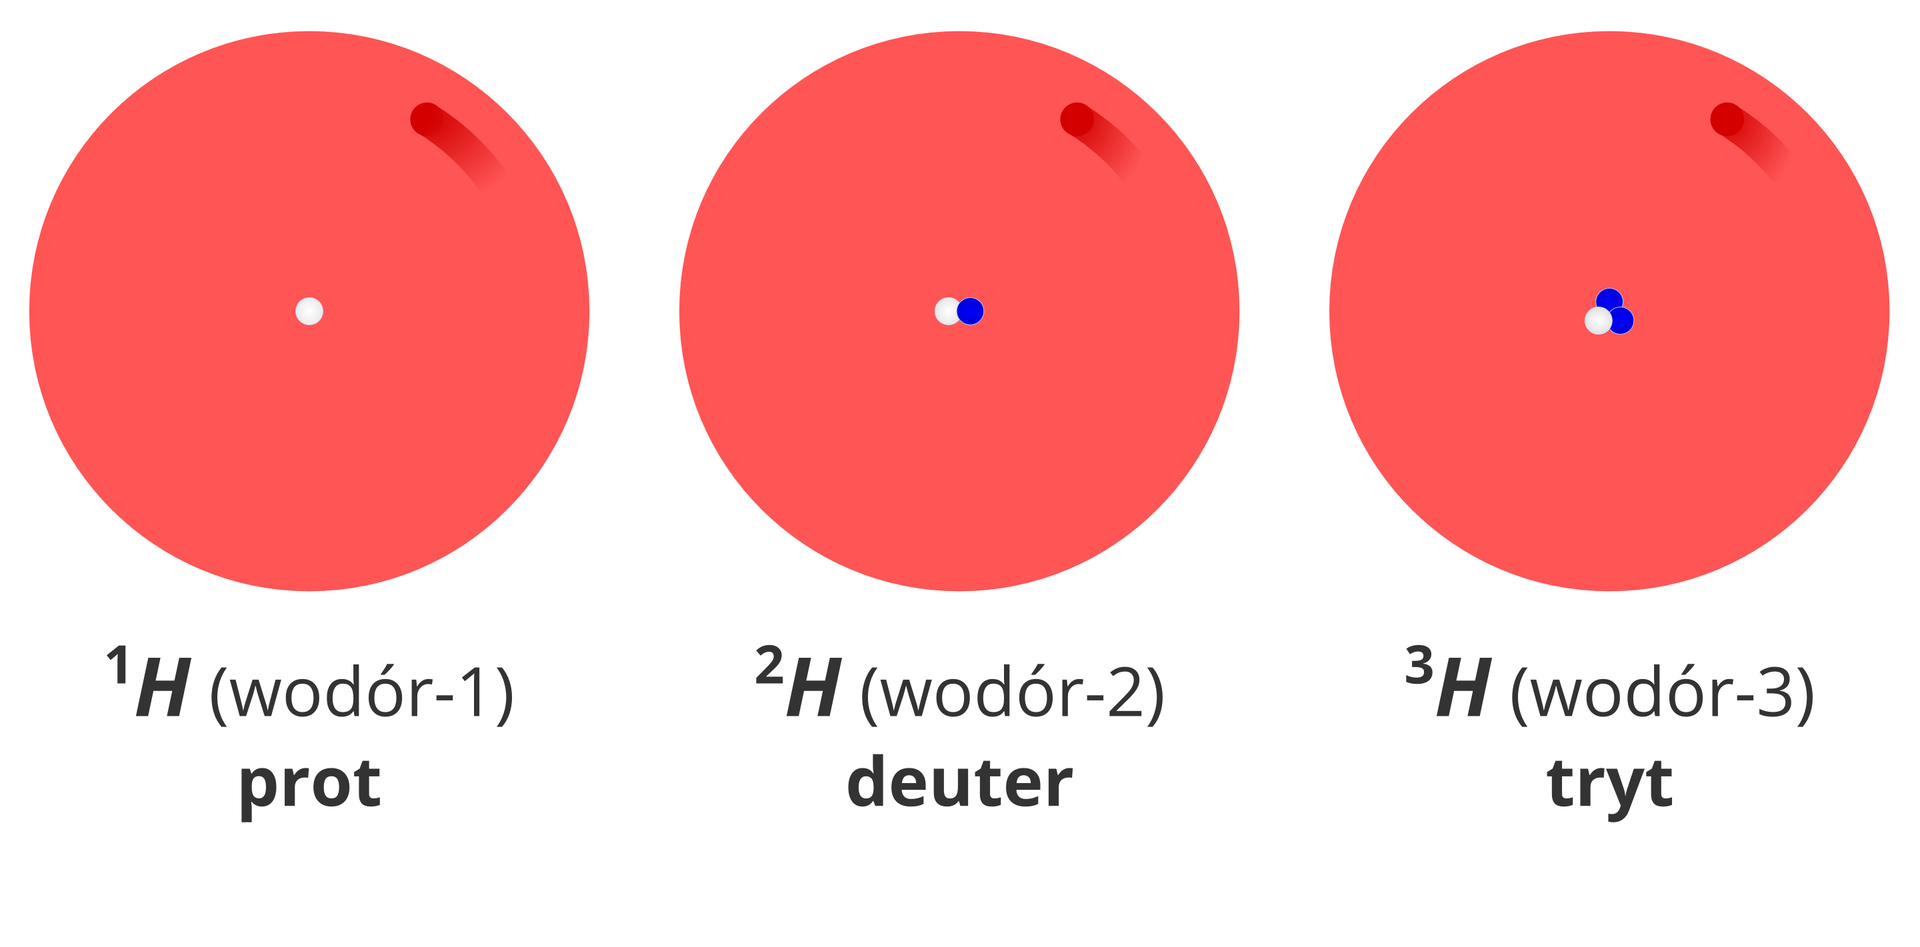 Ilustracja przedstawia uproszczone modele budowy trzech izotopów wodoru: protu, deuteru itrytu. Przedstawiające je rysunki mają postać dużych czerwonych kół symbolizujących powłokę elektronową zjedną rozmytą ciemniejszą plamą oznaczającą elektron. Wsamym środku tych kół znajdują się jądra atomów. Pierwszy od lewej zprezentowanych atomów to wodór-1, czyli prot. Wjądrze jego modelu znajduje się białe koło symbolizujące proton. Drugi, środkowy zprezentowanych atomów to wodór-2, czyli deuter. Wjądrze jego modelu znajduje się białe koło symbolizujące proton oraz niebieskie koło symbolizujące neutron. Trzeci zprezentowanych atomów znajdujący się po prawej stronie ilustracji to wodór-3, zwany też trytem. Wjądrze jego modelu znajduje się białe koło symbolizujące proton oraz dwa niebieskie koła symbolizujące neutrony.